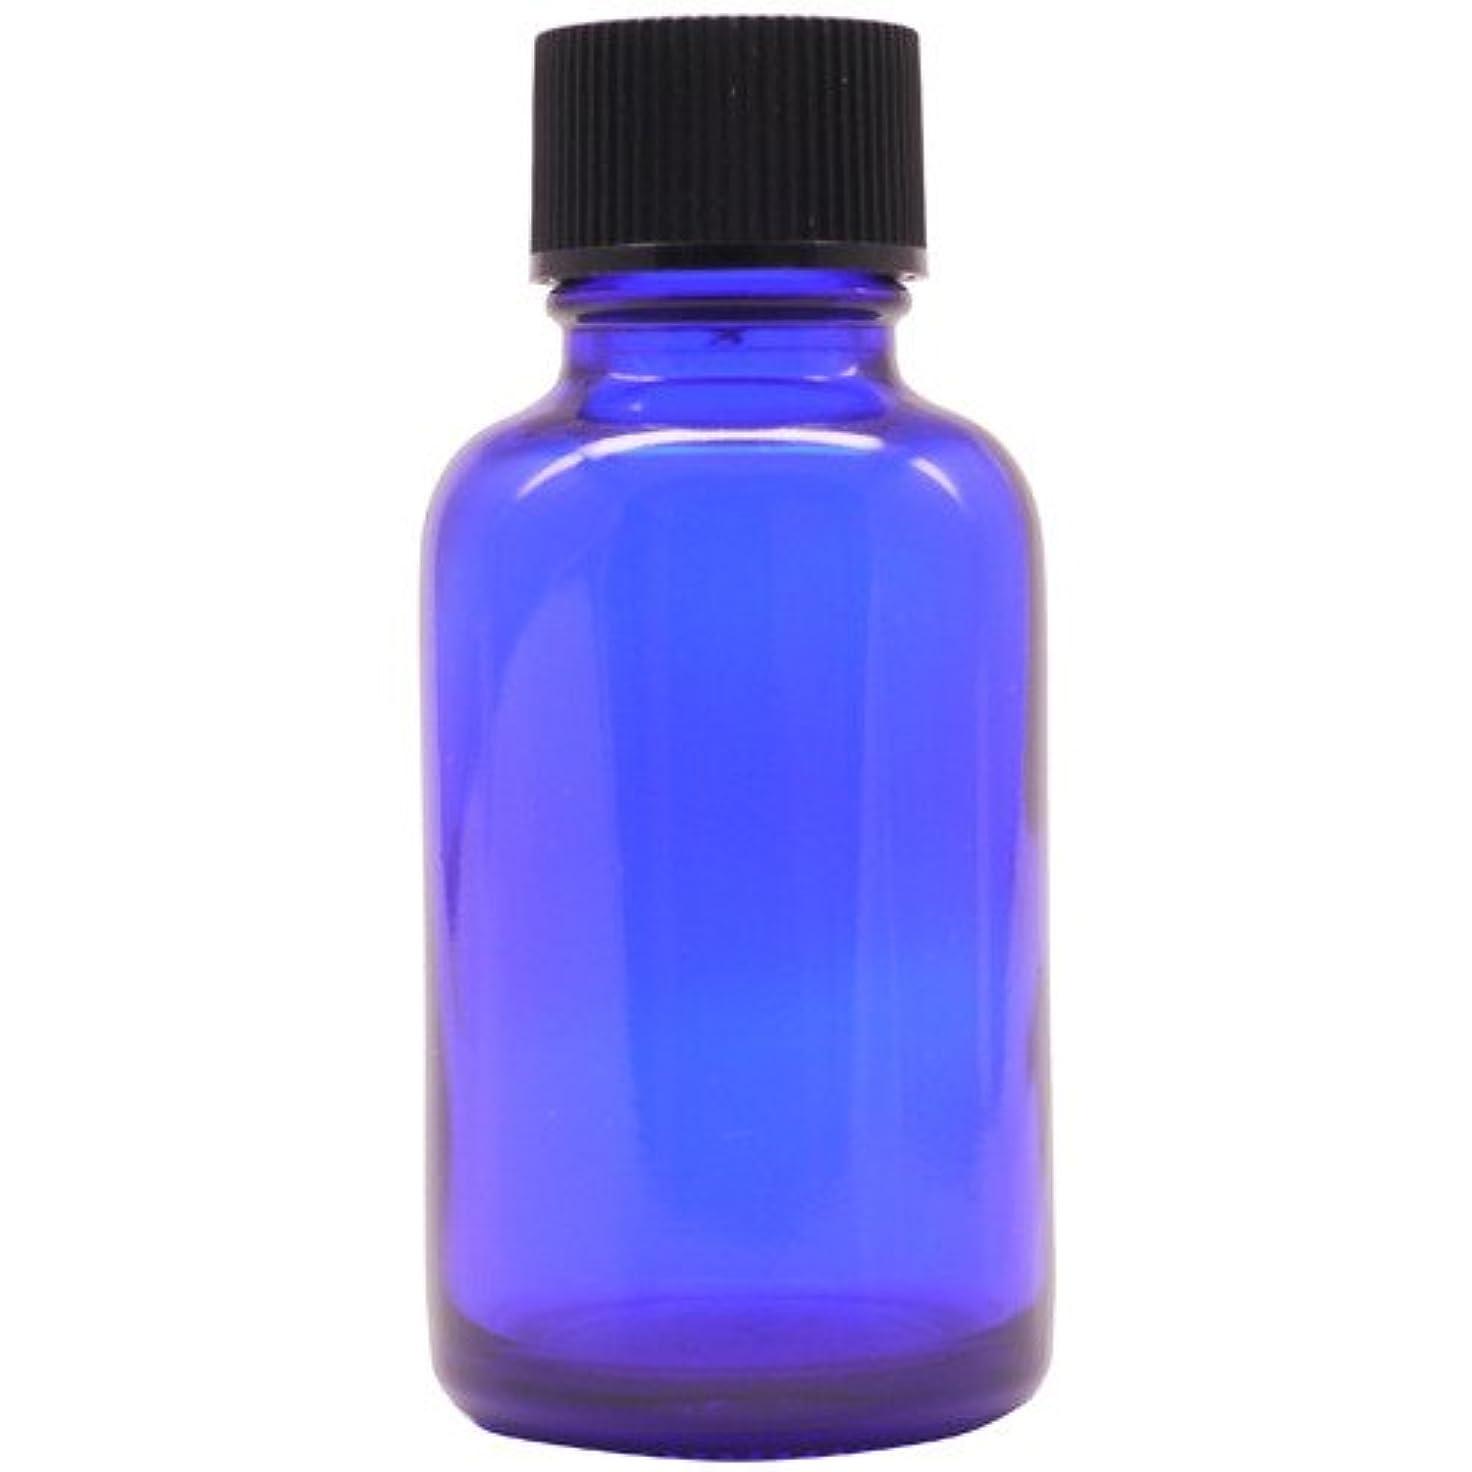 略す石炭フィールドアロマアンドライフ (D)ブルー瓶中止栓30ml 3本セット